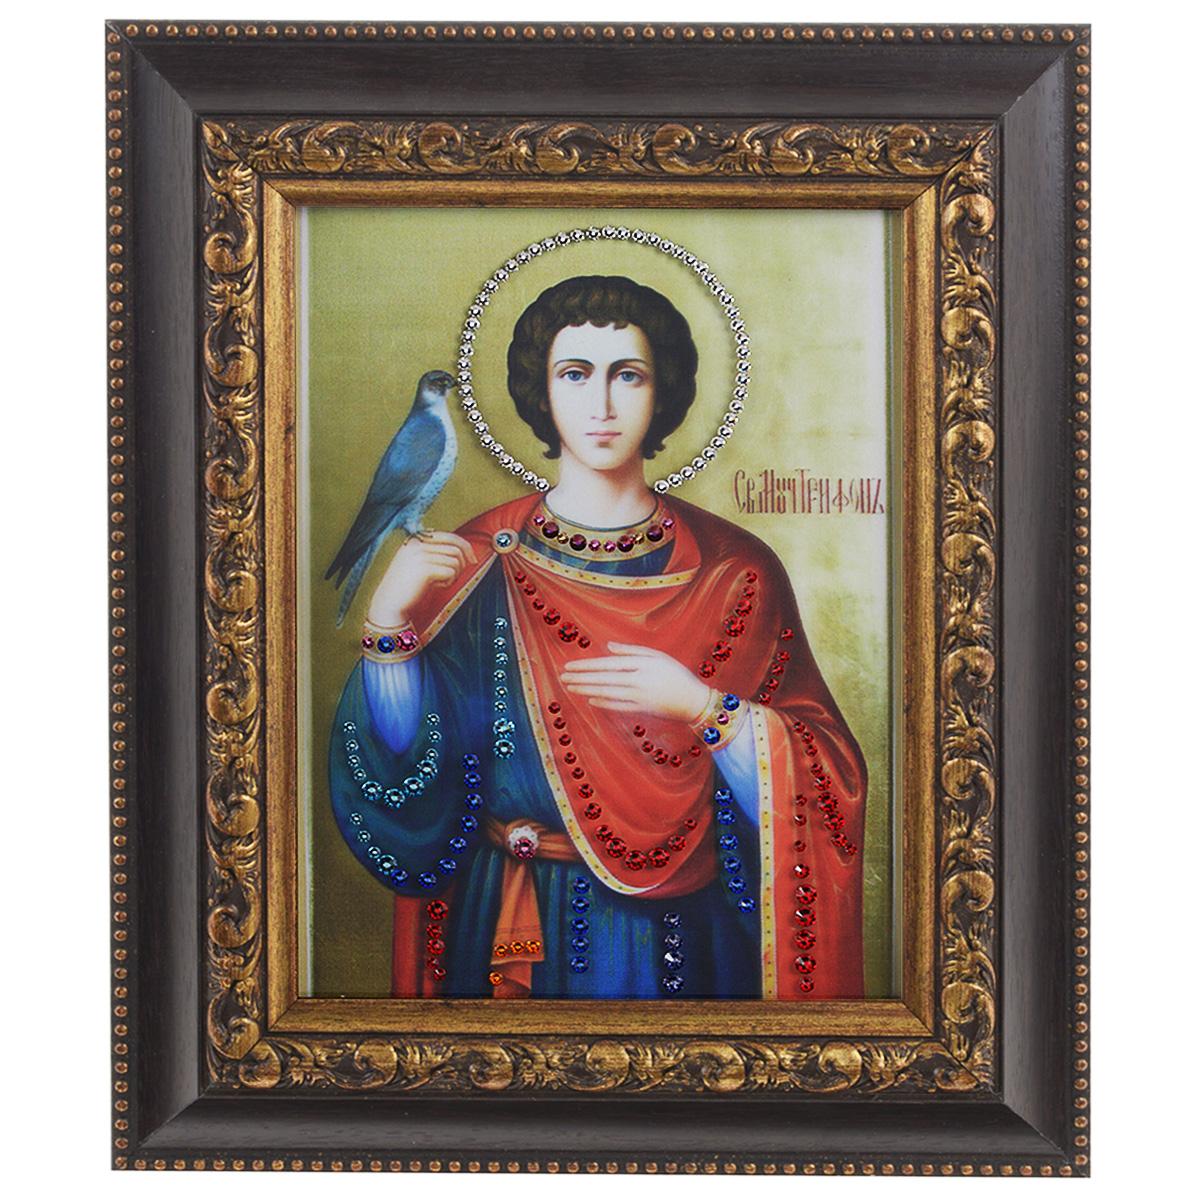 Картина с кристаллами Swarovski Икона. Святой Трифон, 22,5 см х 27,5 смIDEA FL2-05Изящная картина в багетной раме, инкрустирована кристаллами Swarovski, которые отличаются четкой и ровной огранкой, ярким блеском и чистотой цвета. Красочное изображение иконы - Святой Трифон, расположенное на внутренней стороне стекла, прекрасно дополняет блеск кристаллов. С обратной стороны имеется металлическая проволока для размещения картины на стене. Картина с кристаллами Swarovski Икона. Святой Трифон элегантно украсит интерьер дома или офиса, а также станет прекрасным подарком, который обязательно понравится получателю. Блеск кристаллов в интерьере, что может быть сказочнее и удивительнее. Картина упакована в подарочную картонную коробку синего цвета и комплектуется сертификатом соответствия Swarovski.